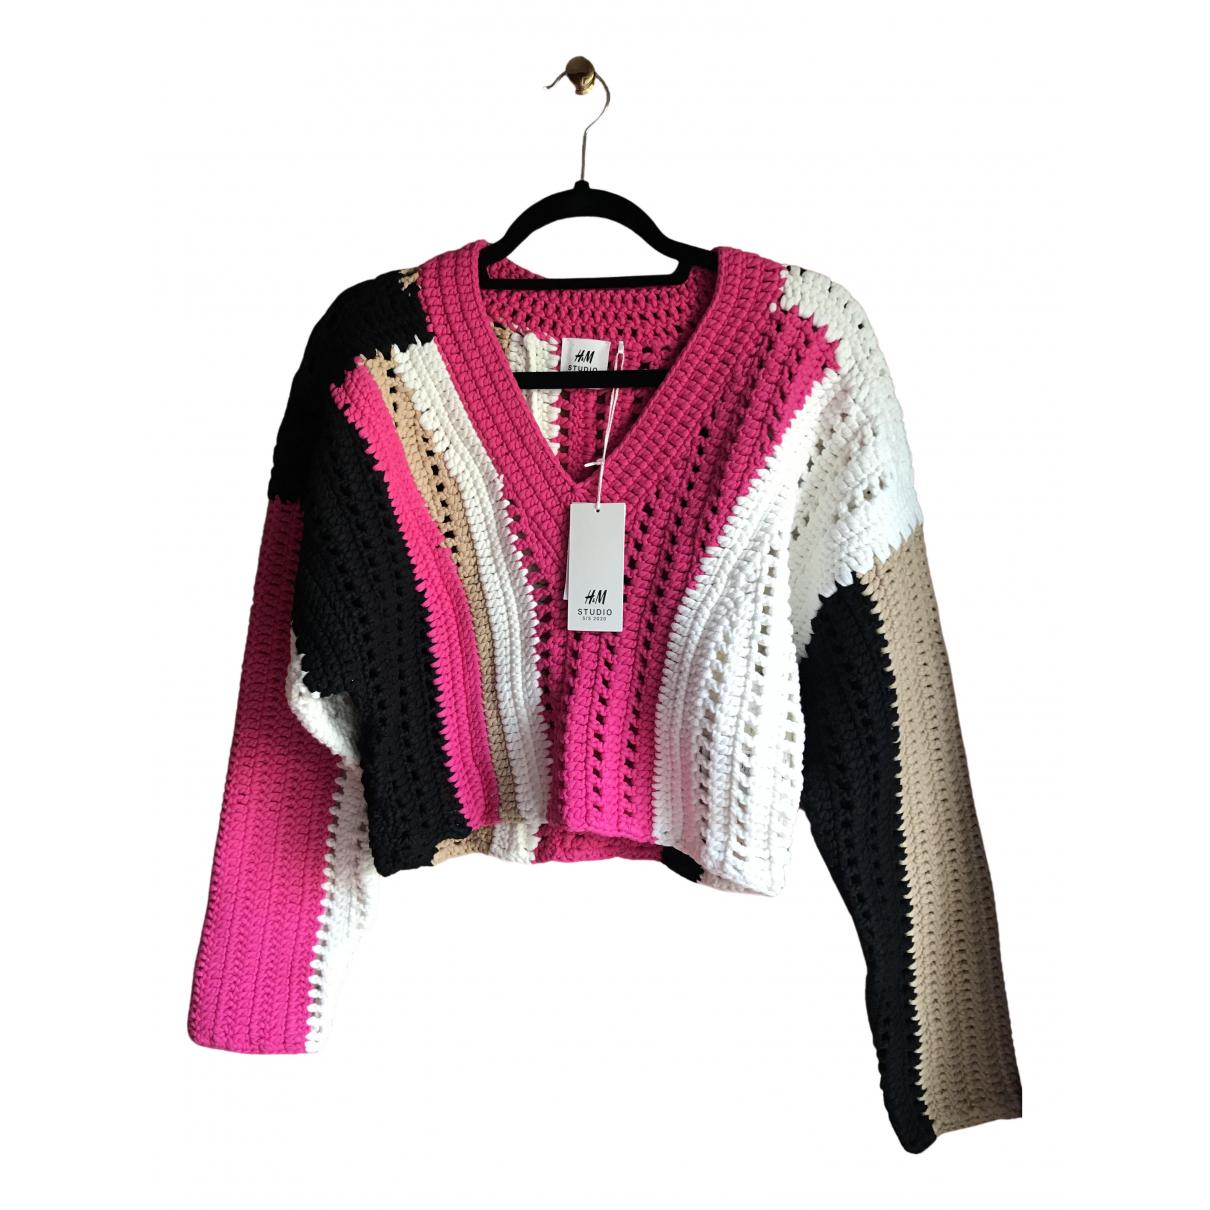 H&m Studio - Pull   pour femme en coton - multicolore